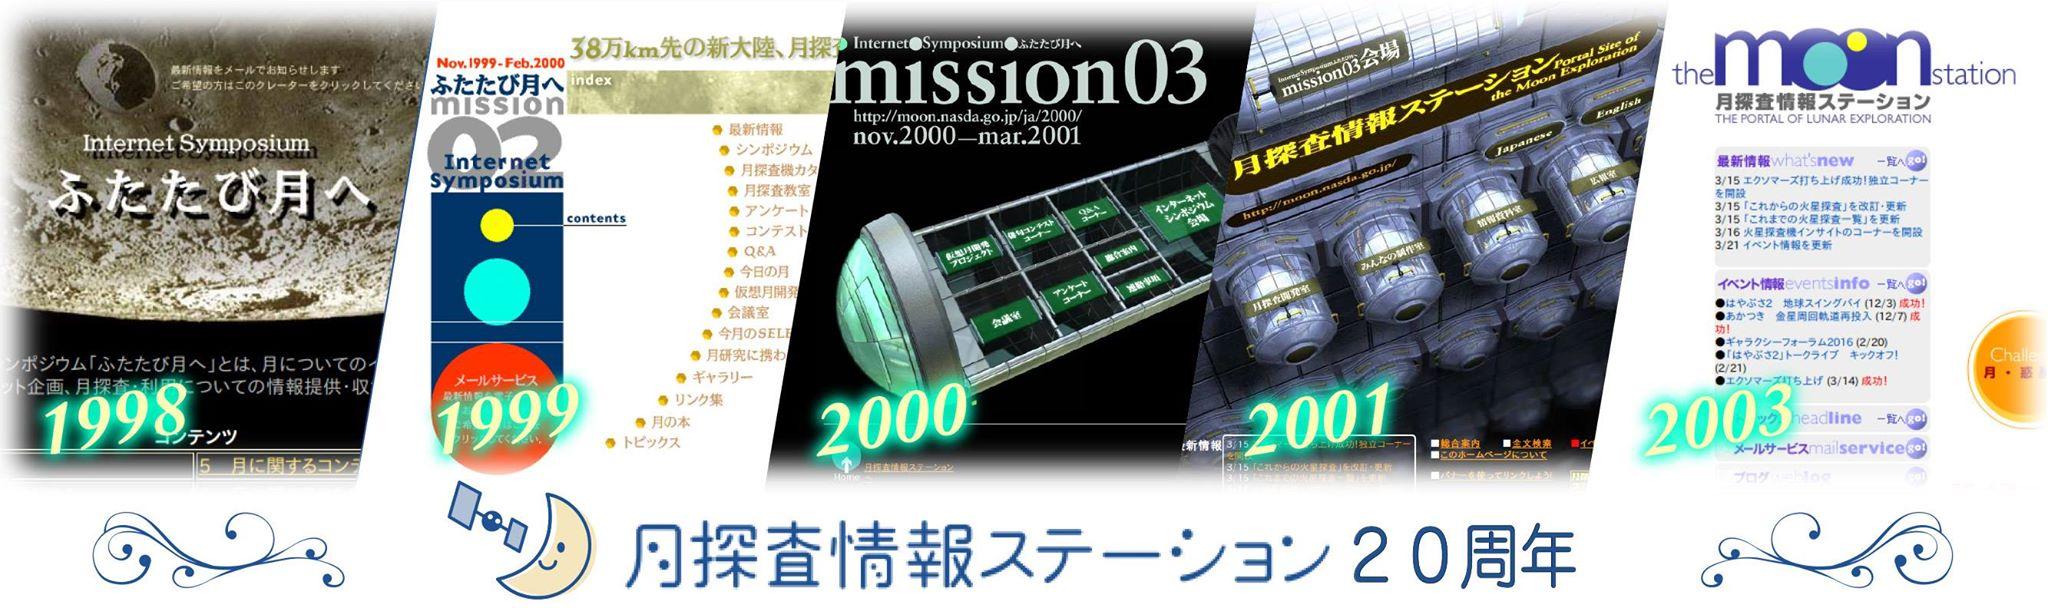 月探査情報ステーション20周年記念バナー